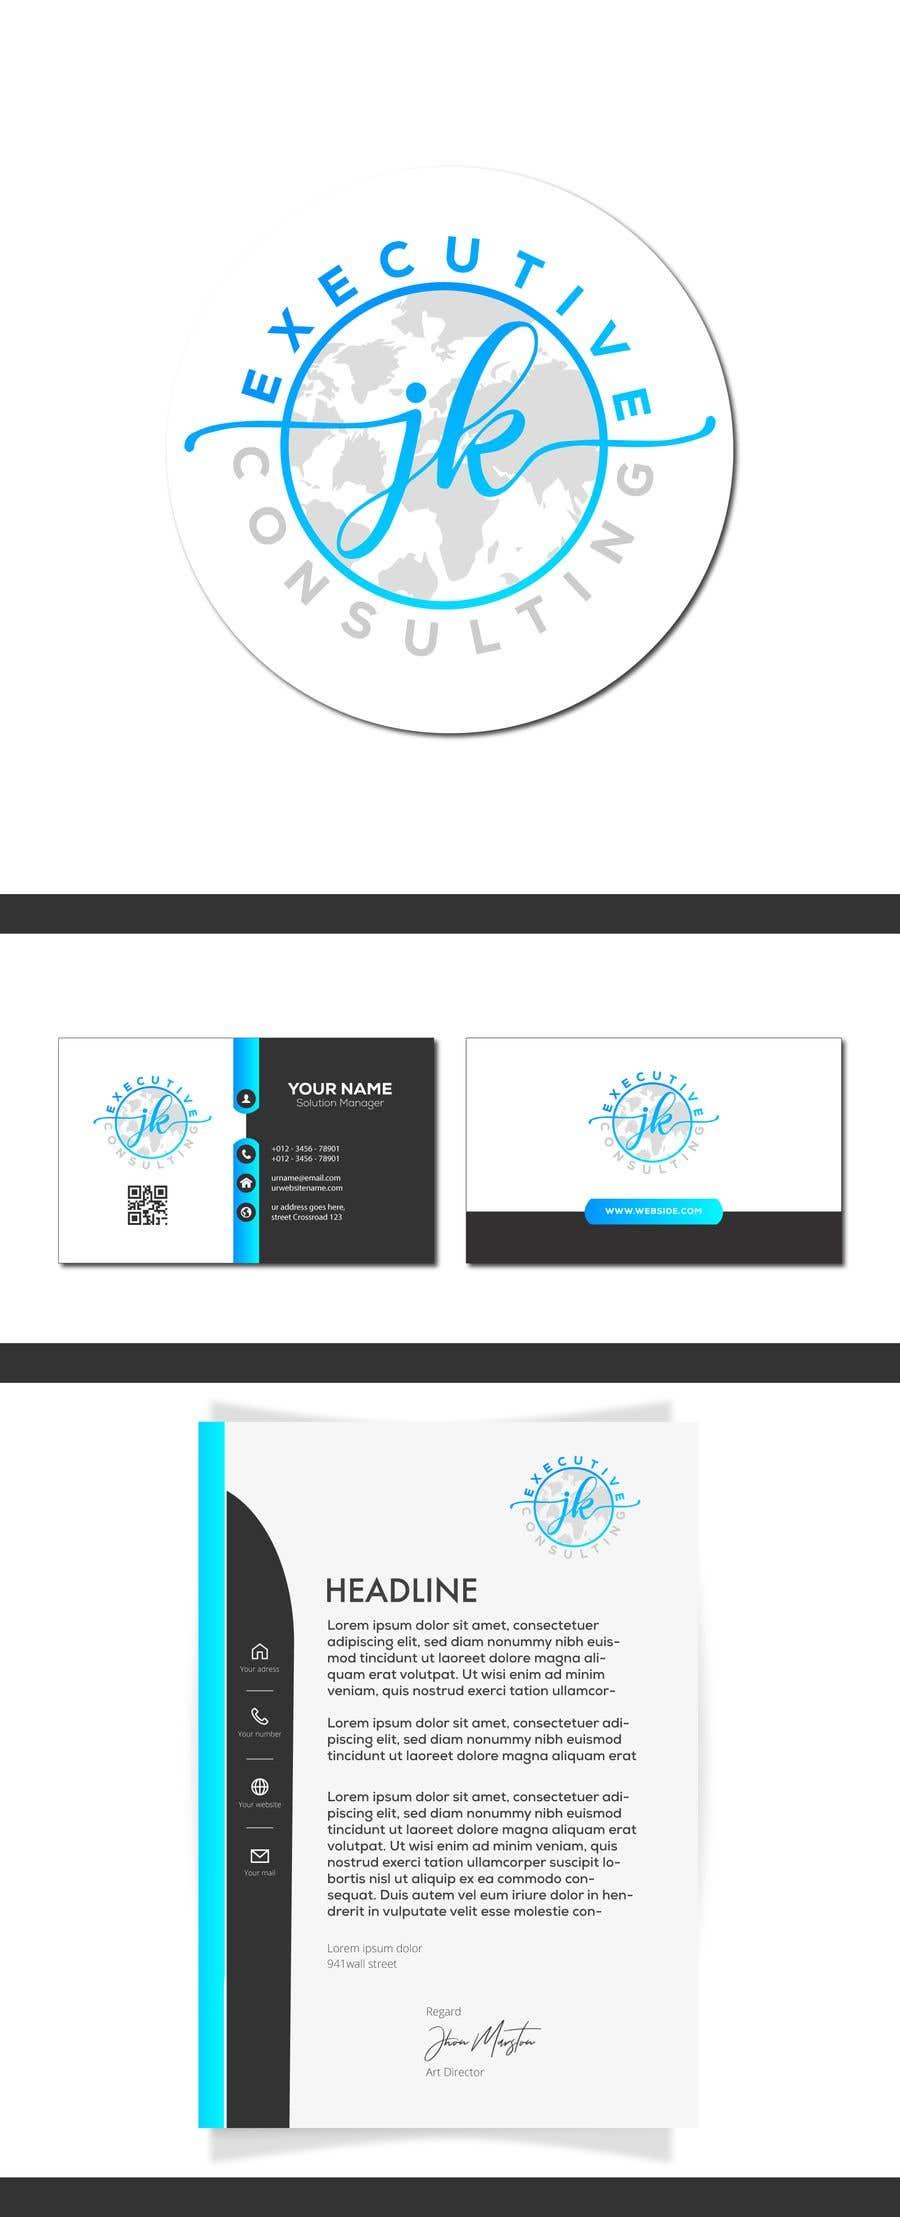 Bài tham dự cuộc thi #                                        449                                      cho                                         Logo Design for a Consulting Company